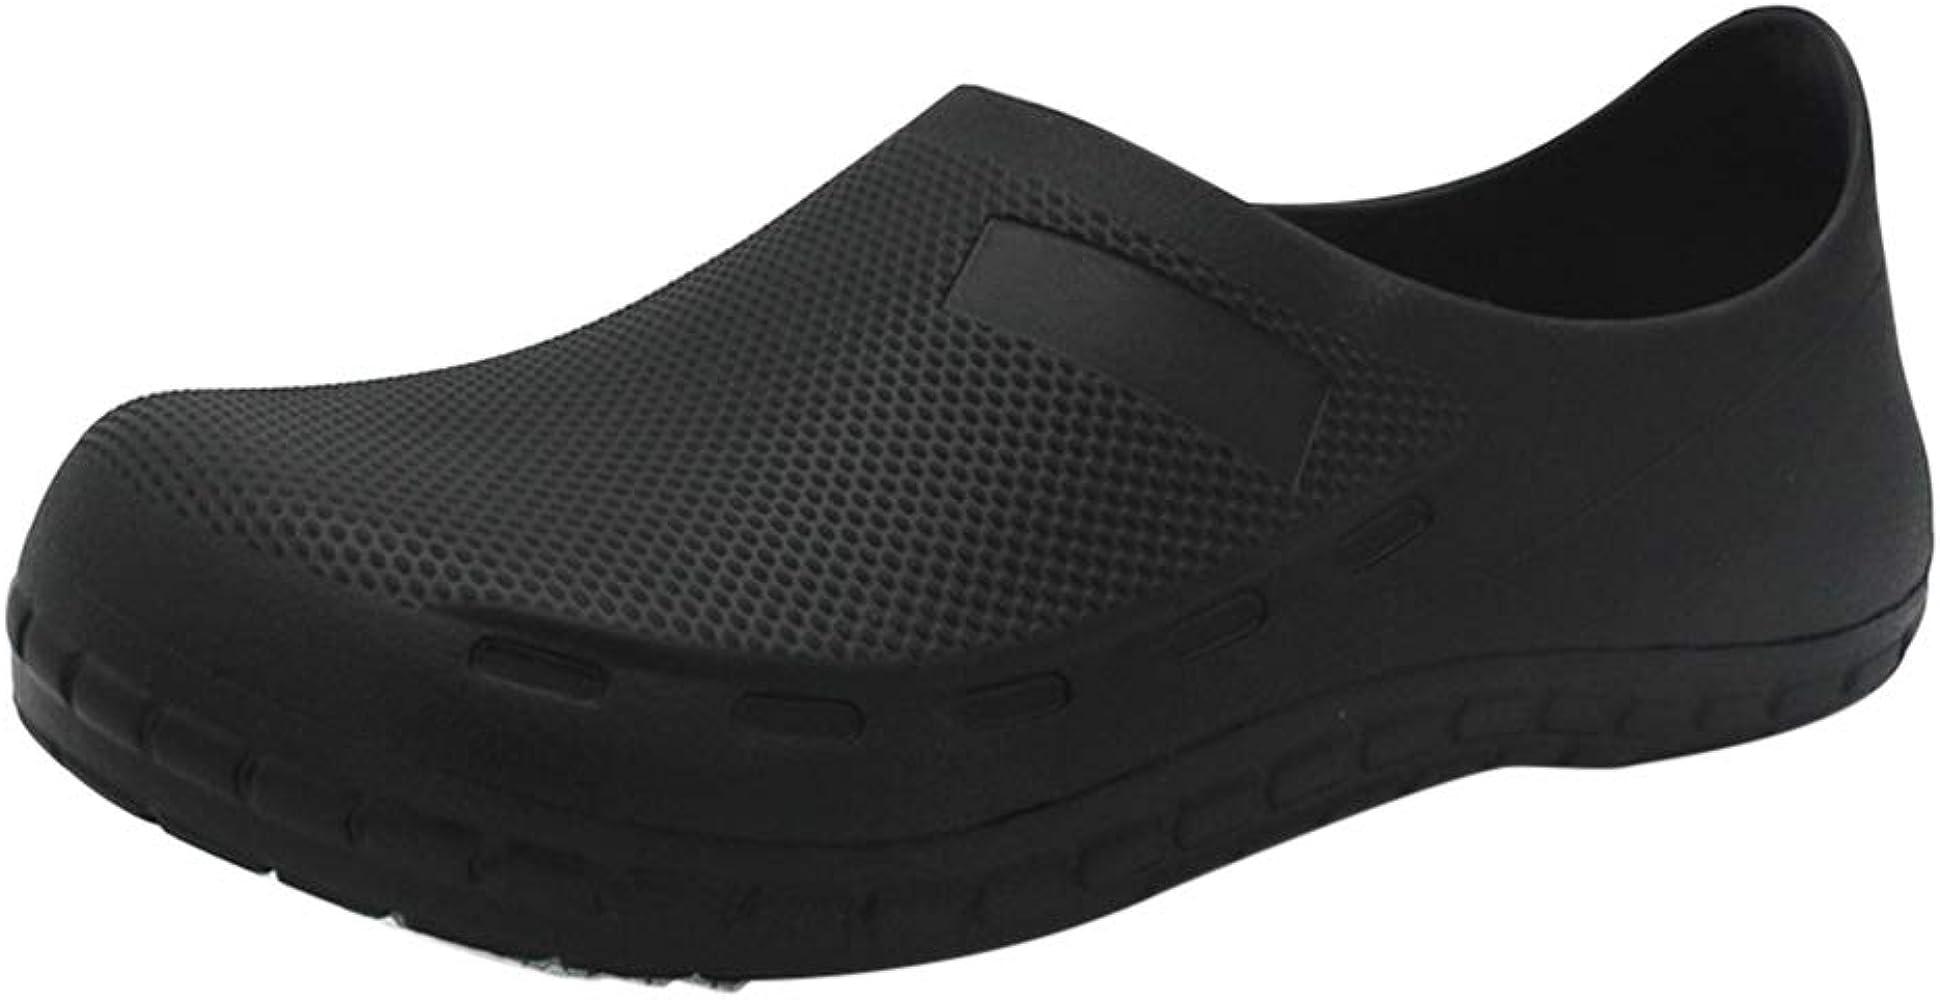 últimos diseños diversificados gran inventario promoción Jiyaru Zapatos de Trabajo Zapatos para Sanitarios y Hosteleria para Hombre,  Zuecos de Trabajo para Cocina Cocinero Antideslizante Resistente al Agua y  ...